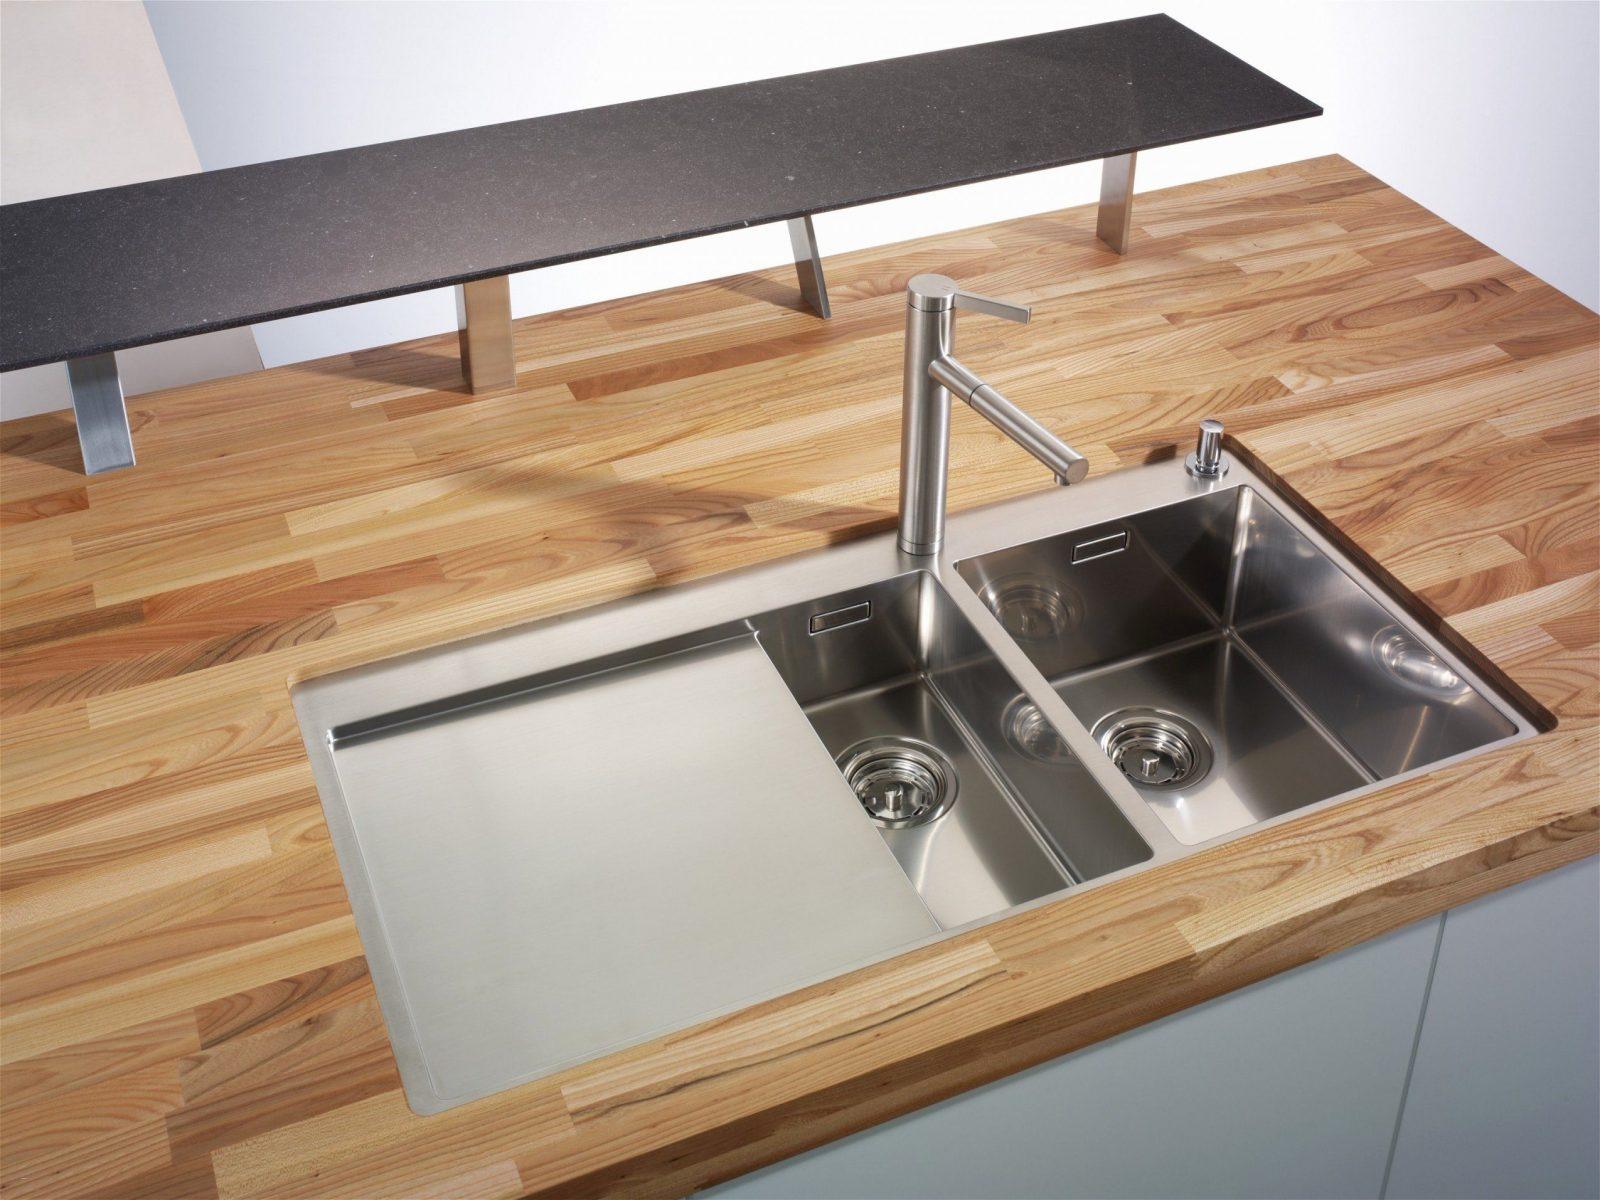 Küche Arbeitsplatte 70 Tief | Bild Von Arbeitsplatte 80 Cm Tief ...